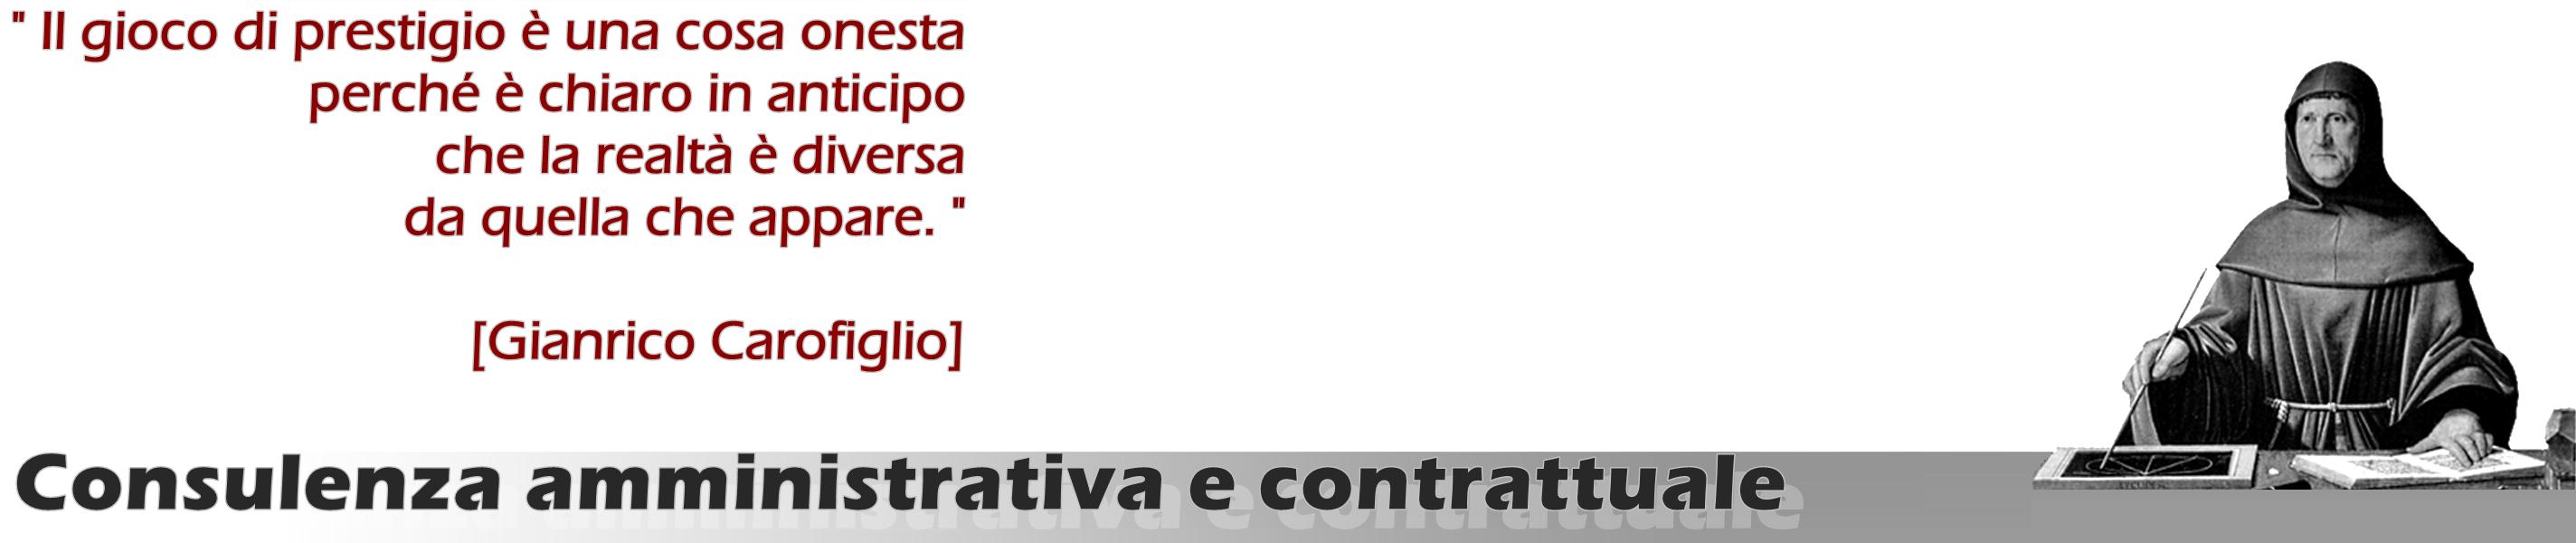 4-consulenza-amministrativa